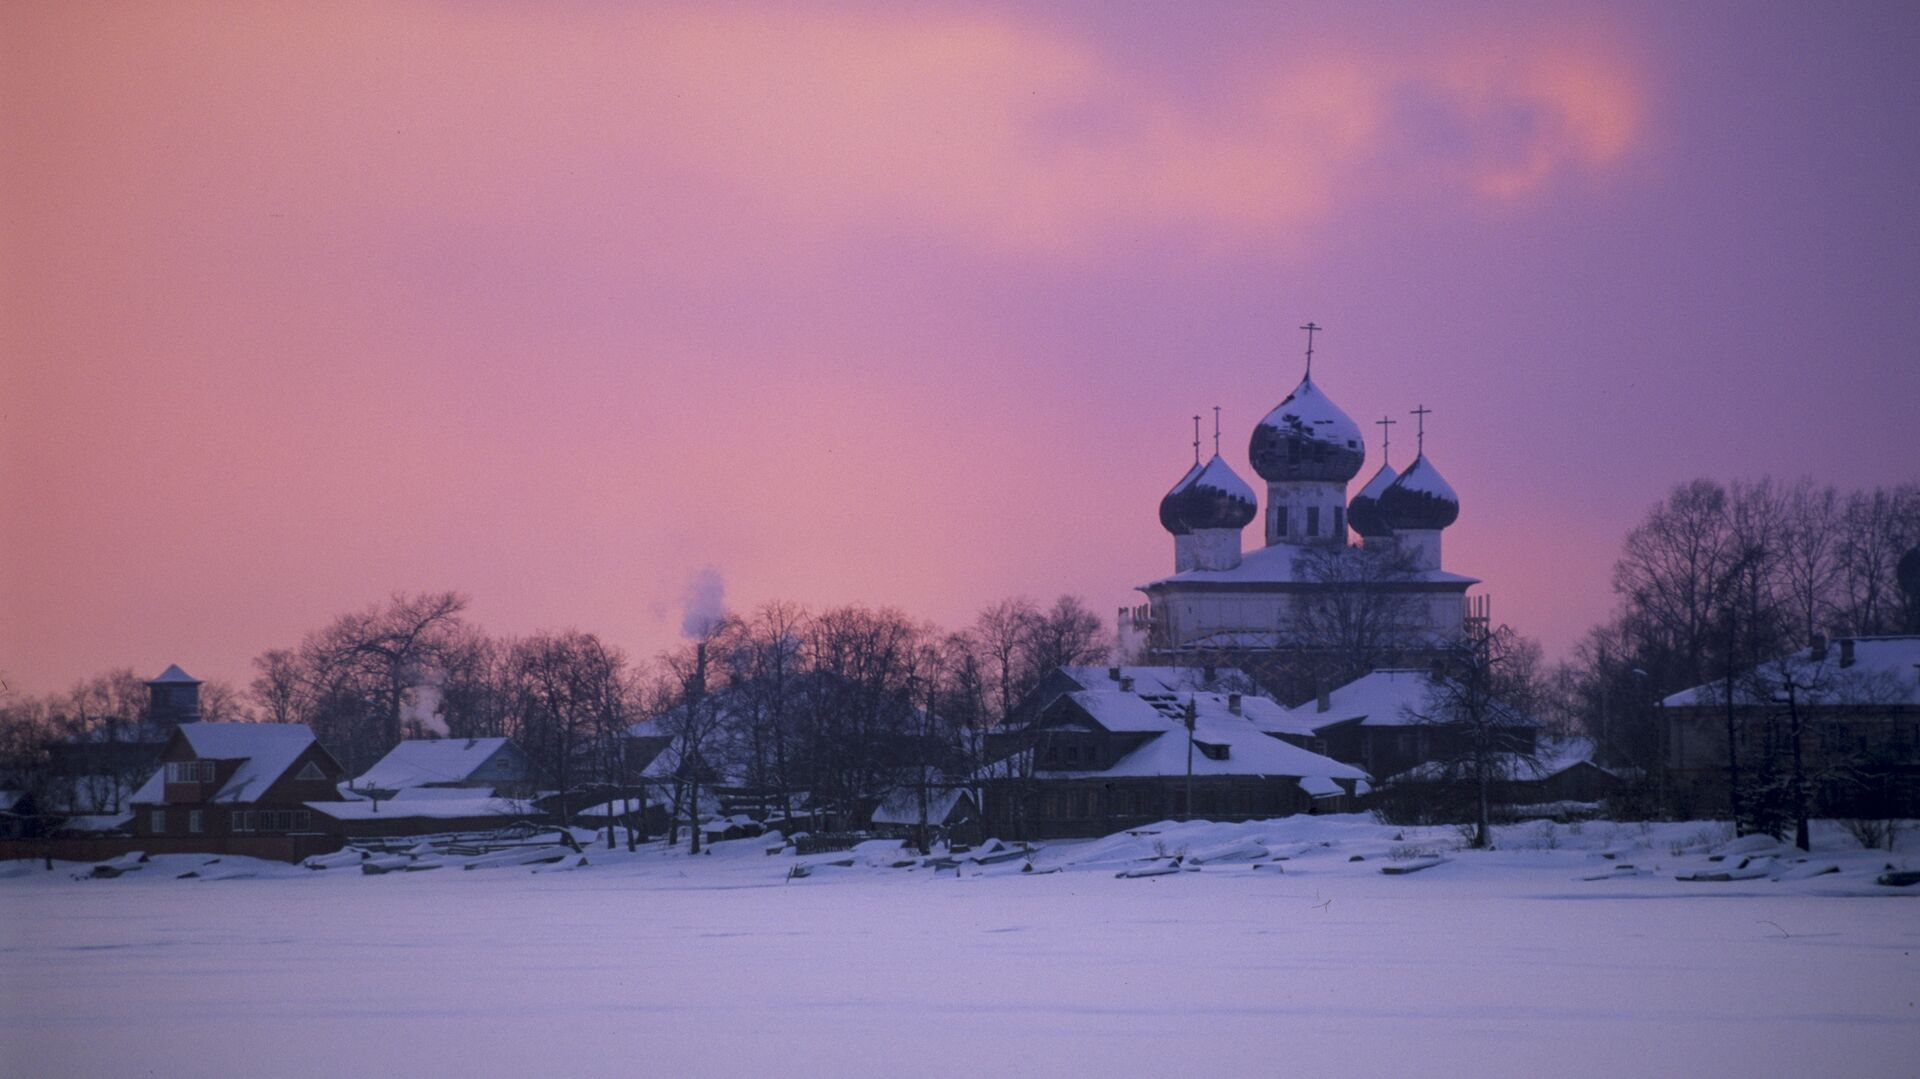 Закат солнца в Архангельской области - РИА Новости, 1920, 05.02.2021